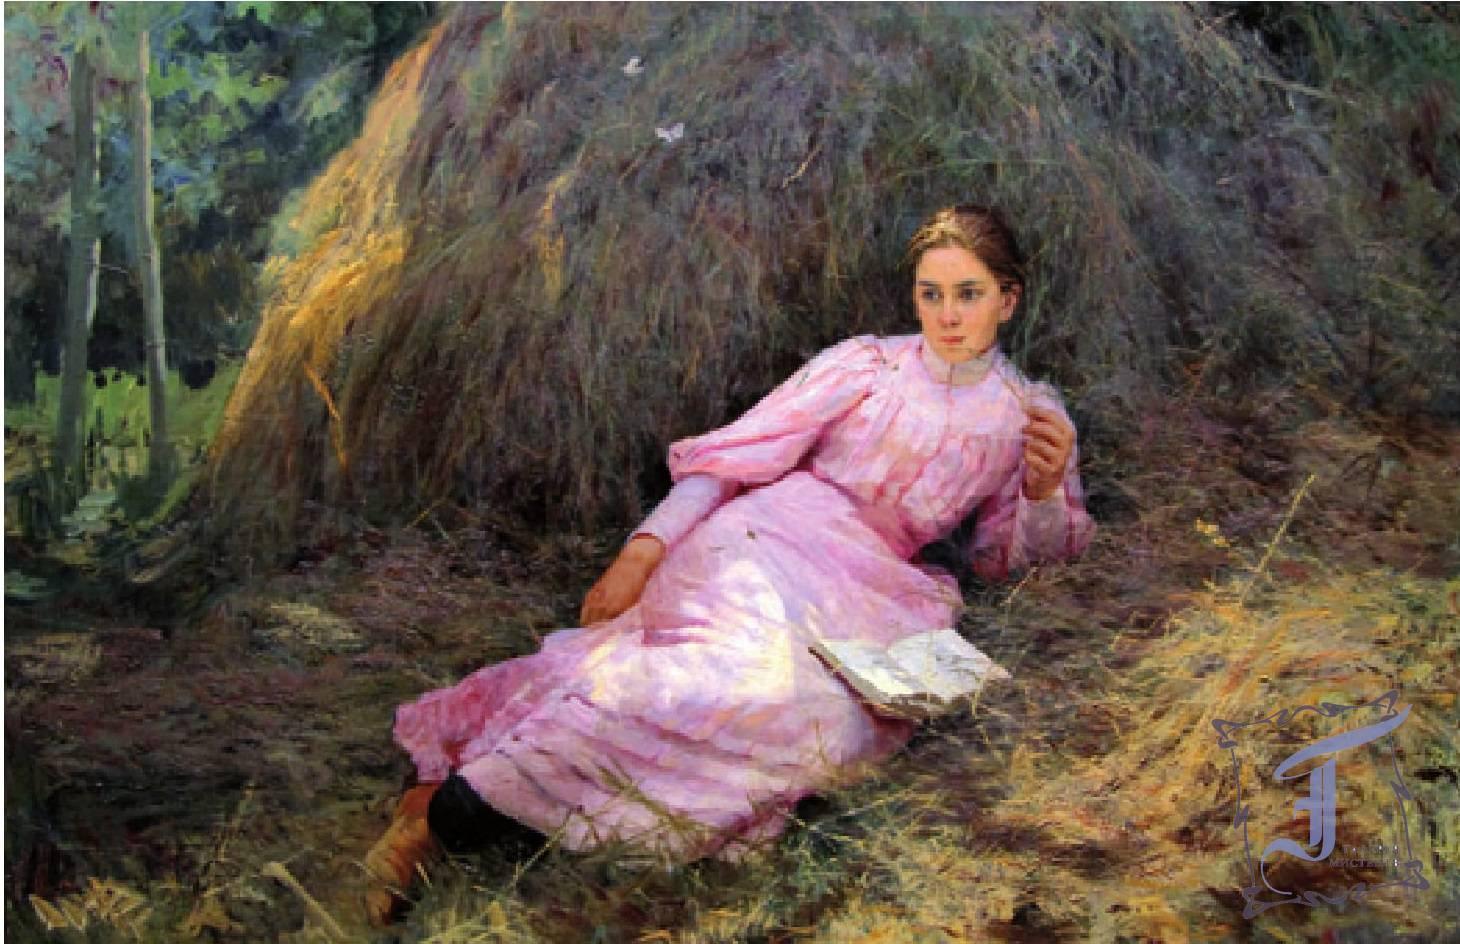 Полотно Н. Ярошенко «Девушка у стога» Эскиз картины «Летом»